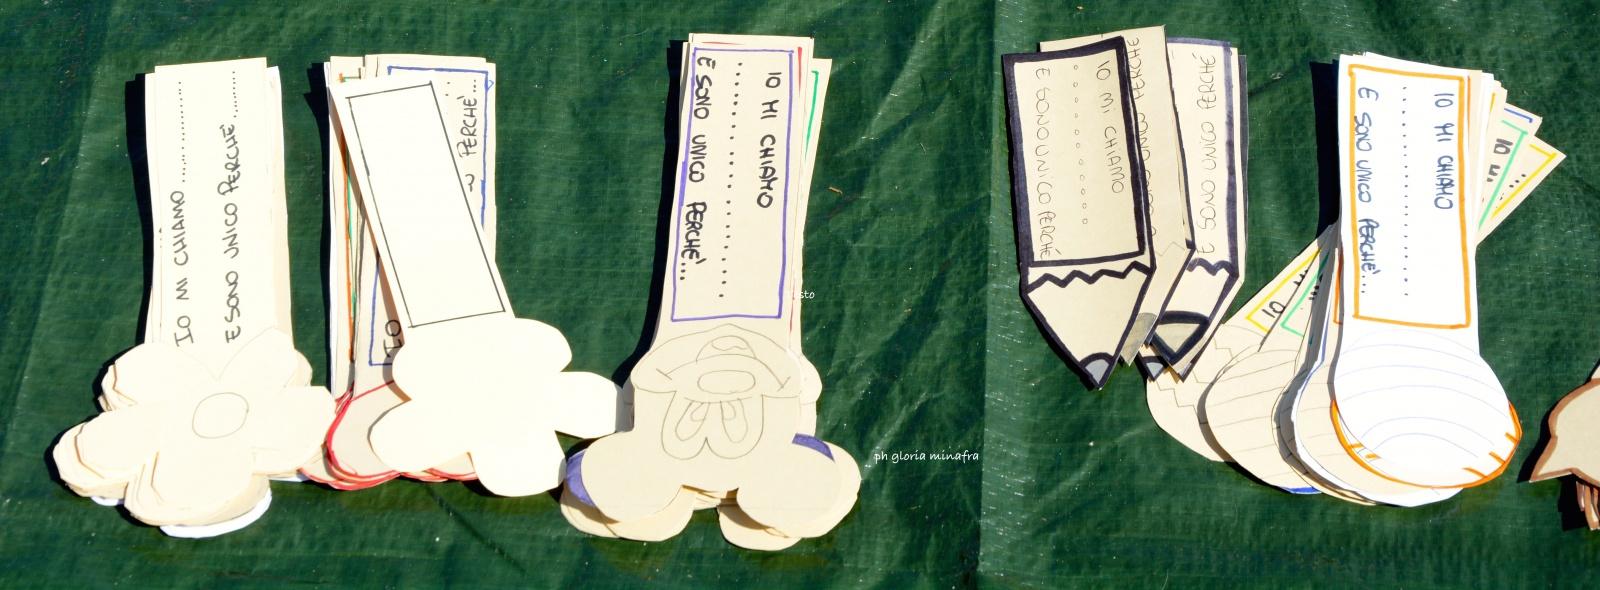 premiazione dei vincitori del Concorso letterario, di Racconta con un disegno e del Palermolegge Game